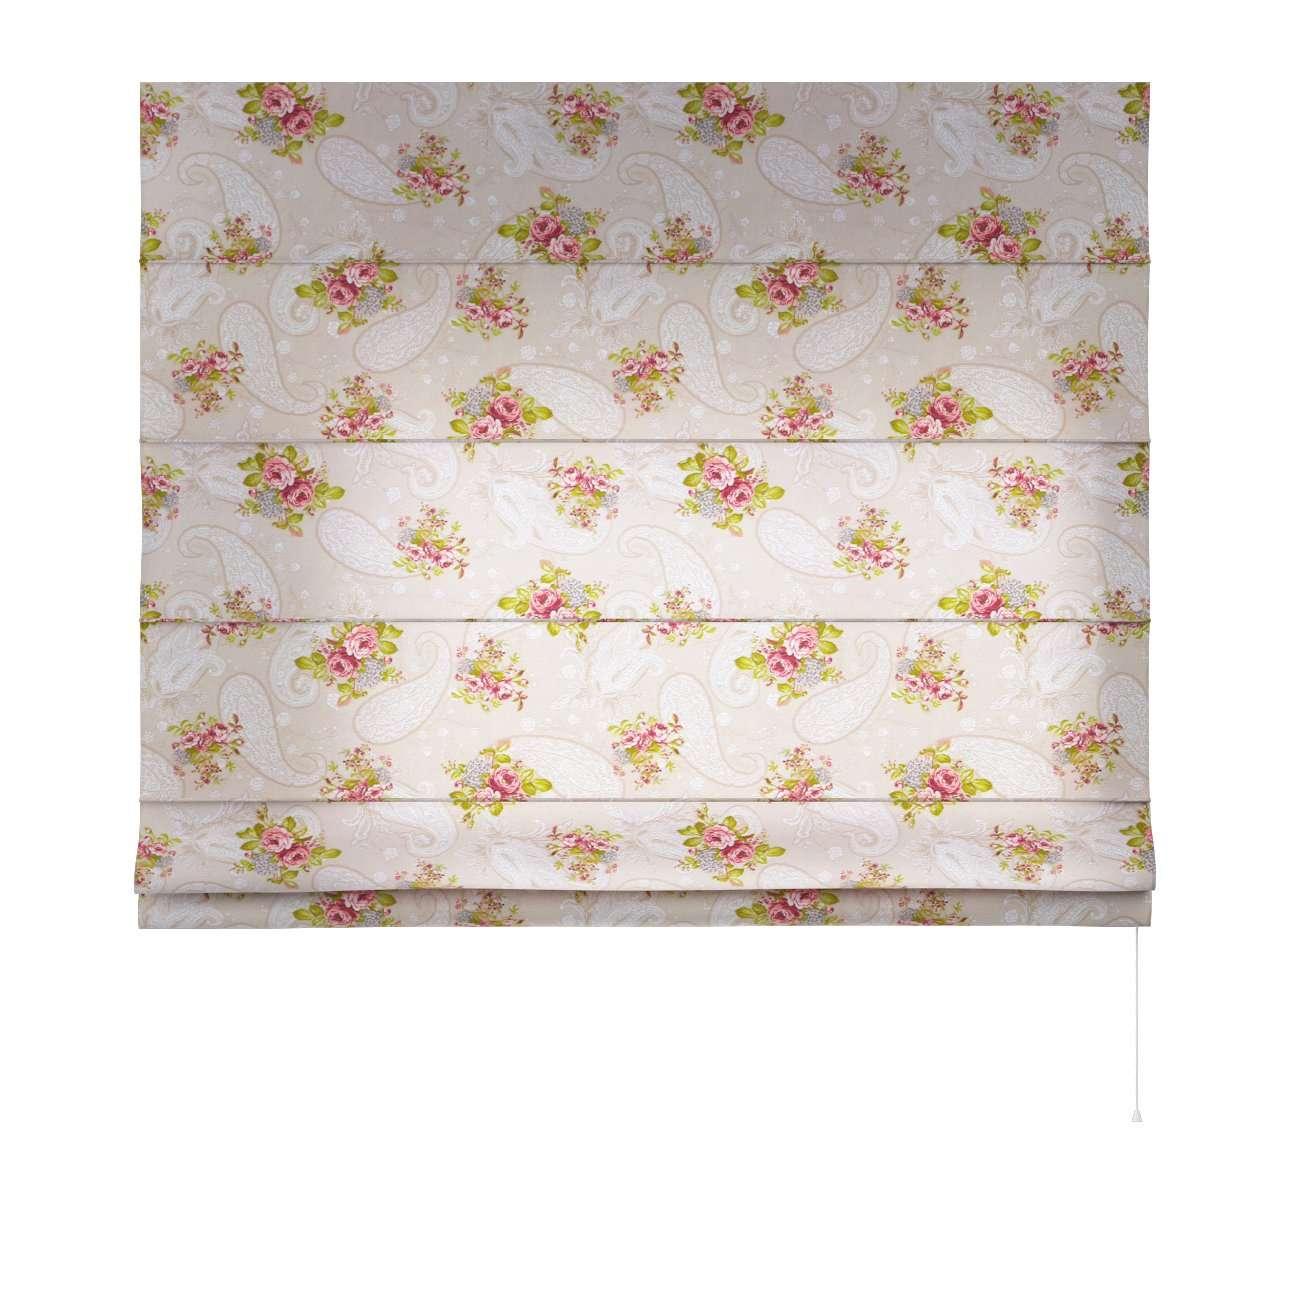 Raffrollo Capri 80 x 170 cm von der Kollektion Flowers, Stoff: 311-15